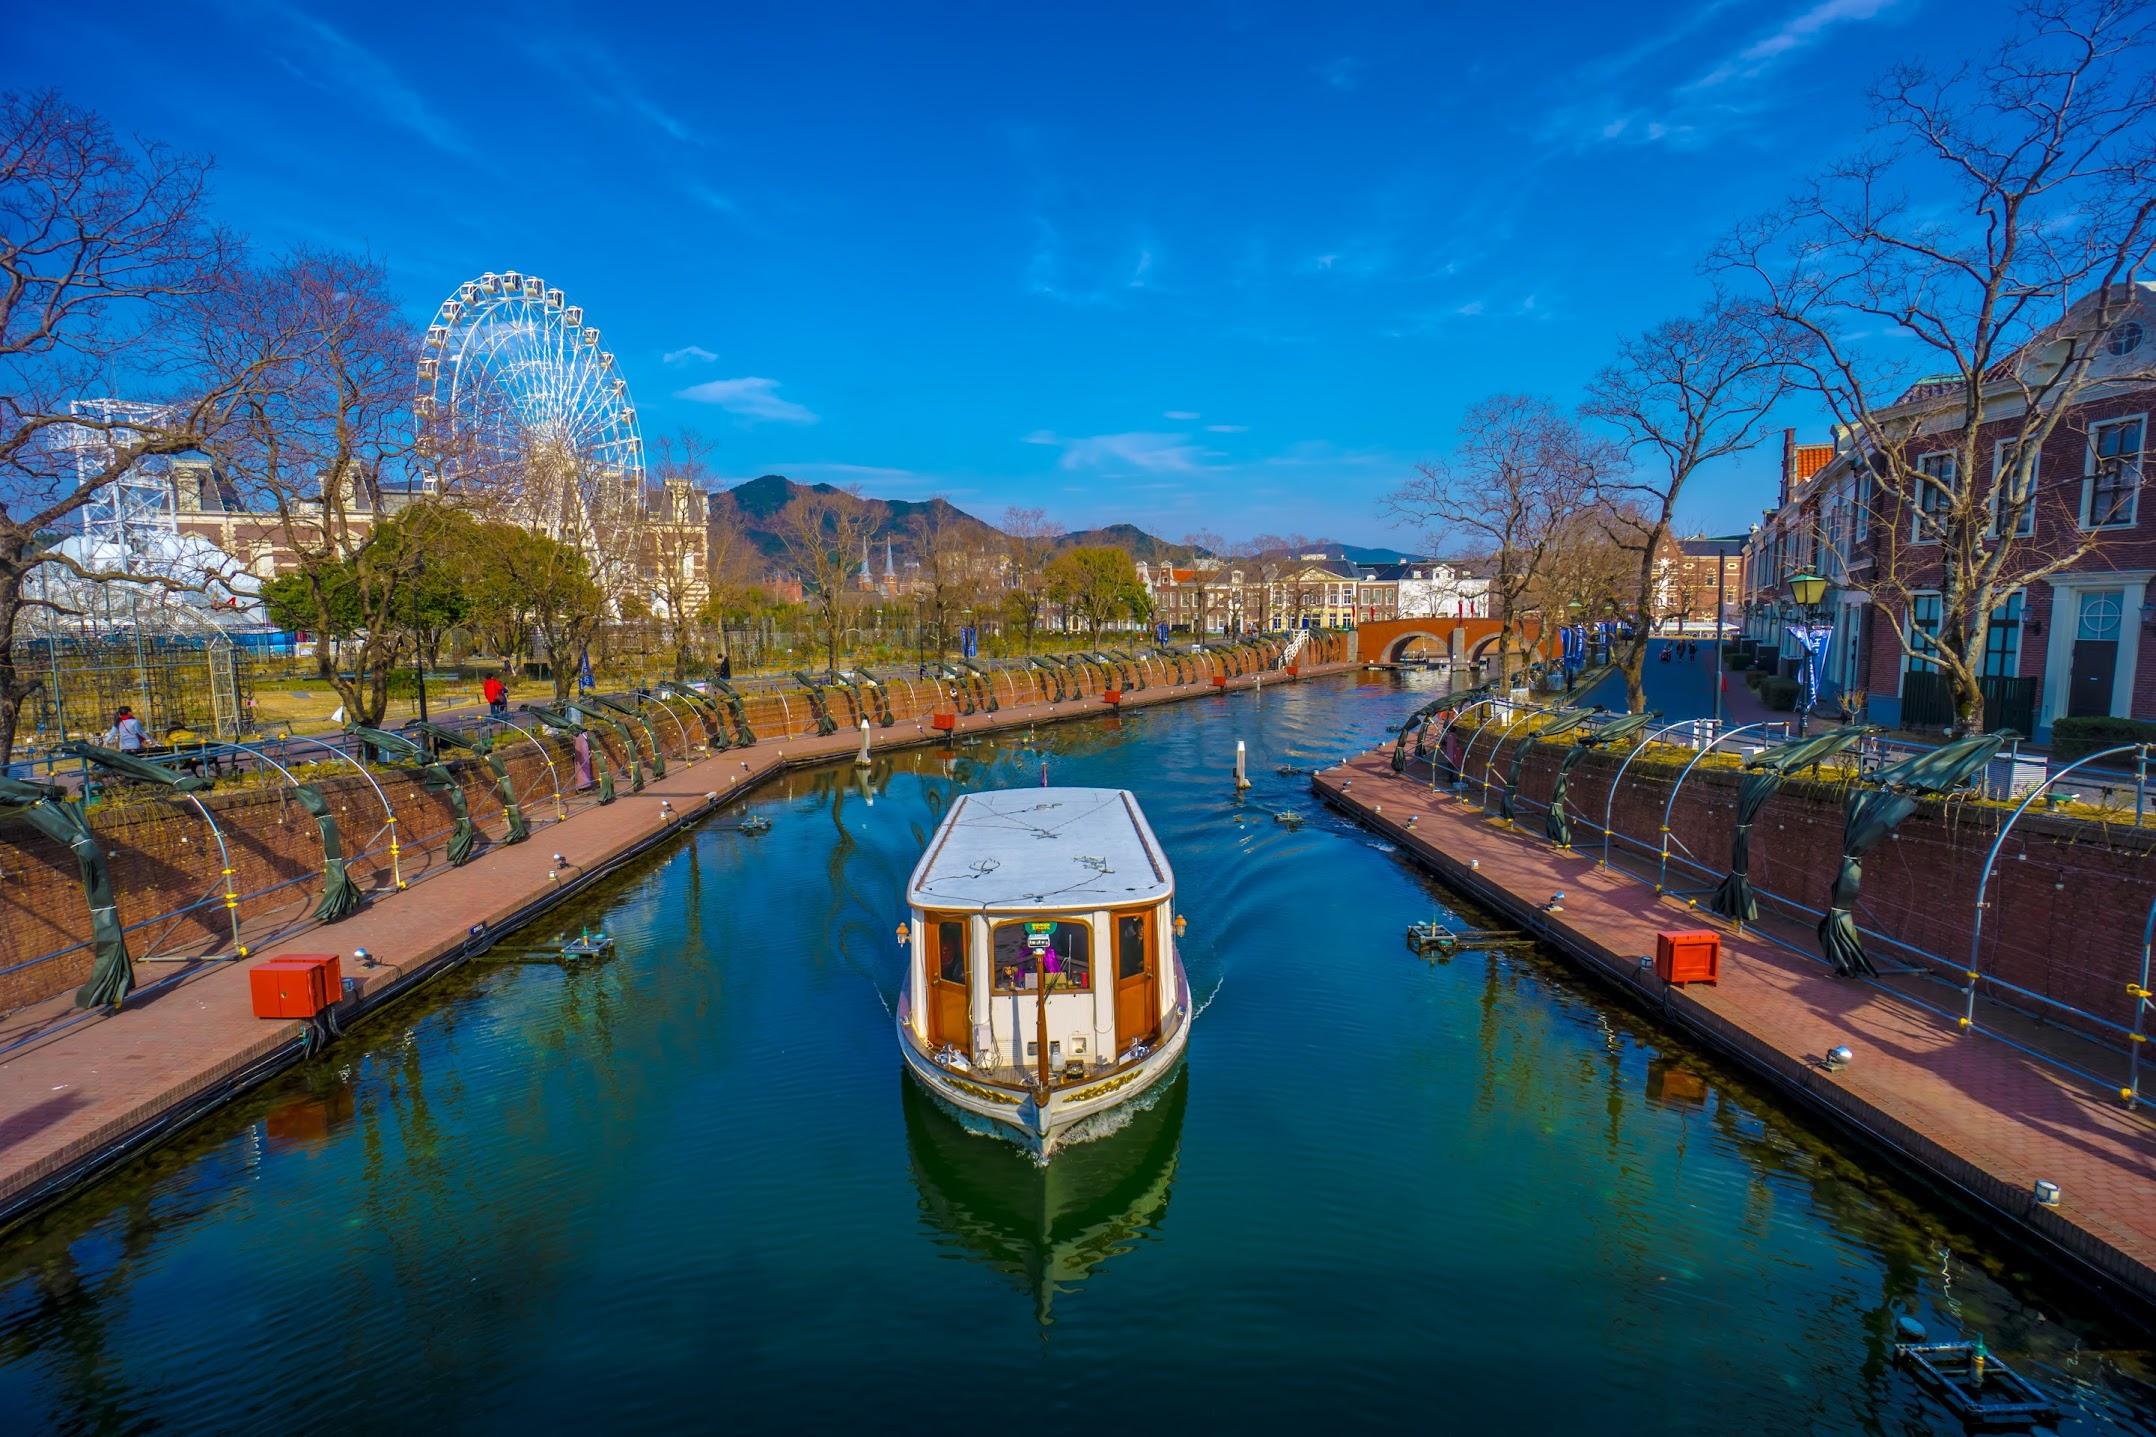 Huis Ten Bosch Canal Cruiser1